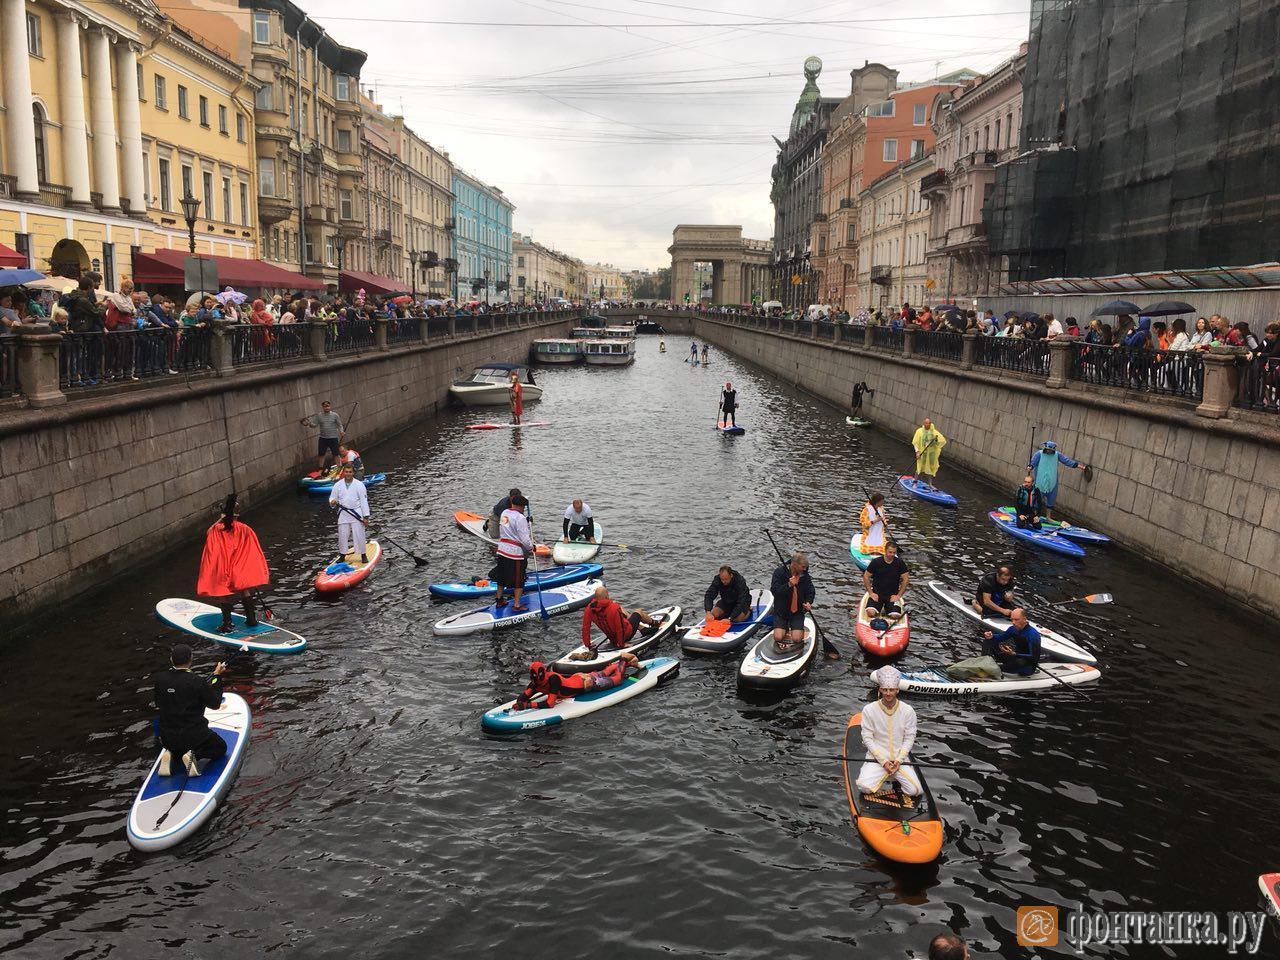 Адмирал фестиваля «Фонтанка-SUP» принял SUP-парад на Итальянском мостике (Иллюстрация 1 из 3)